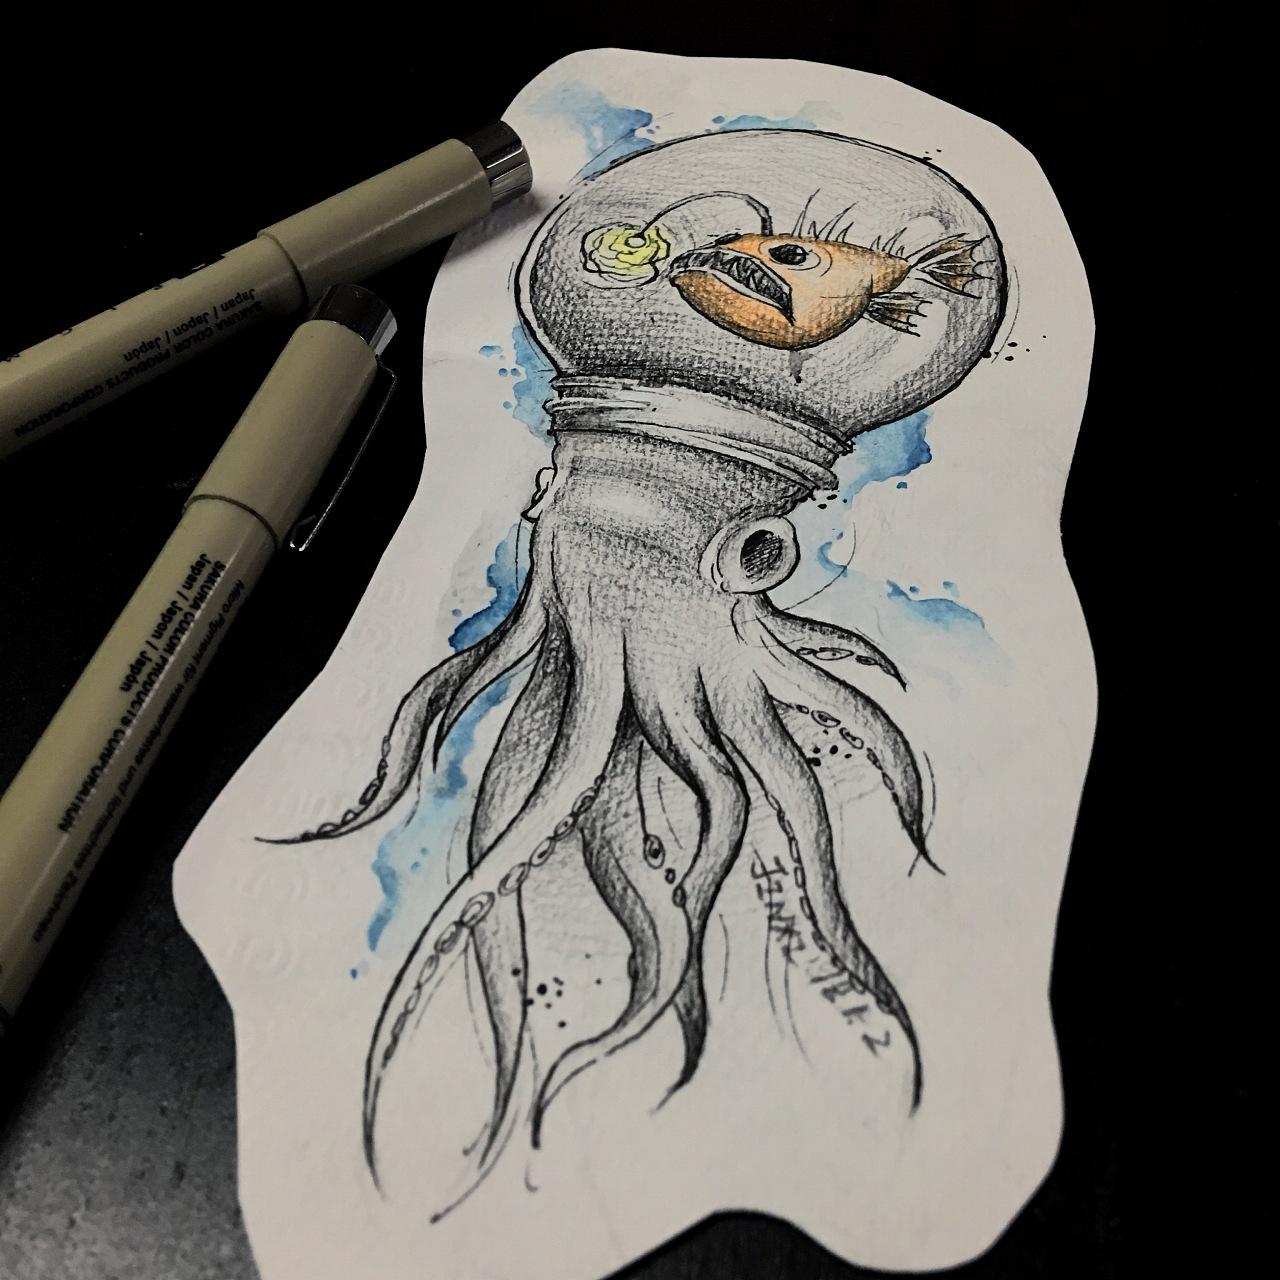 手稿彩色孔雀纹身图案 - 优秀素材纹身 - 纹身图吧